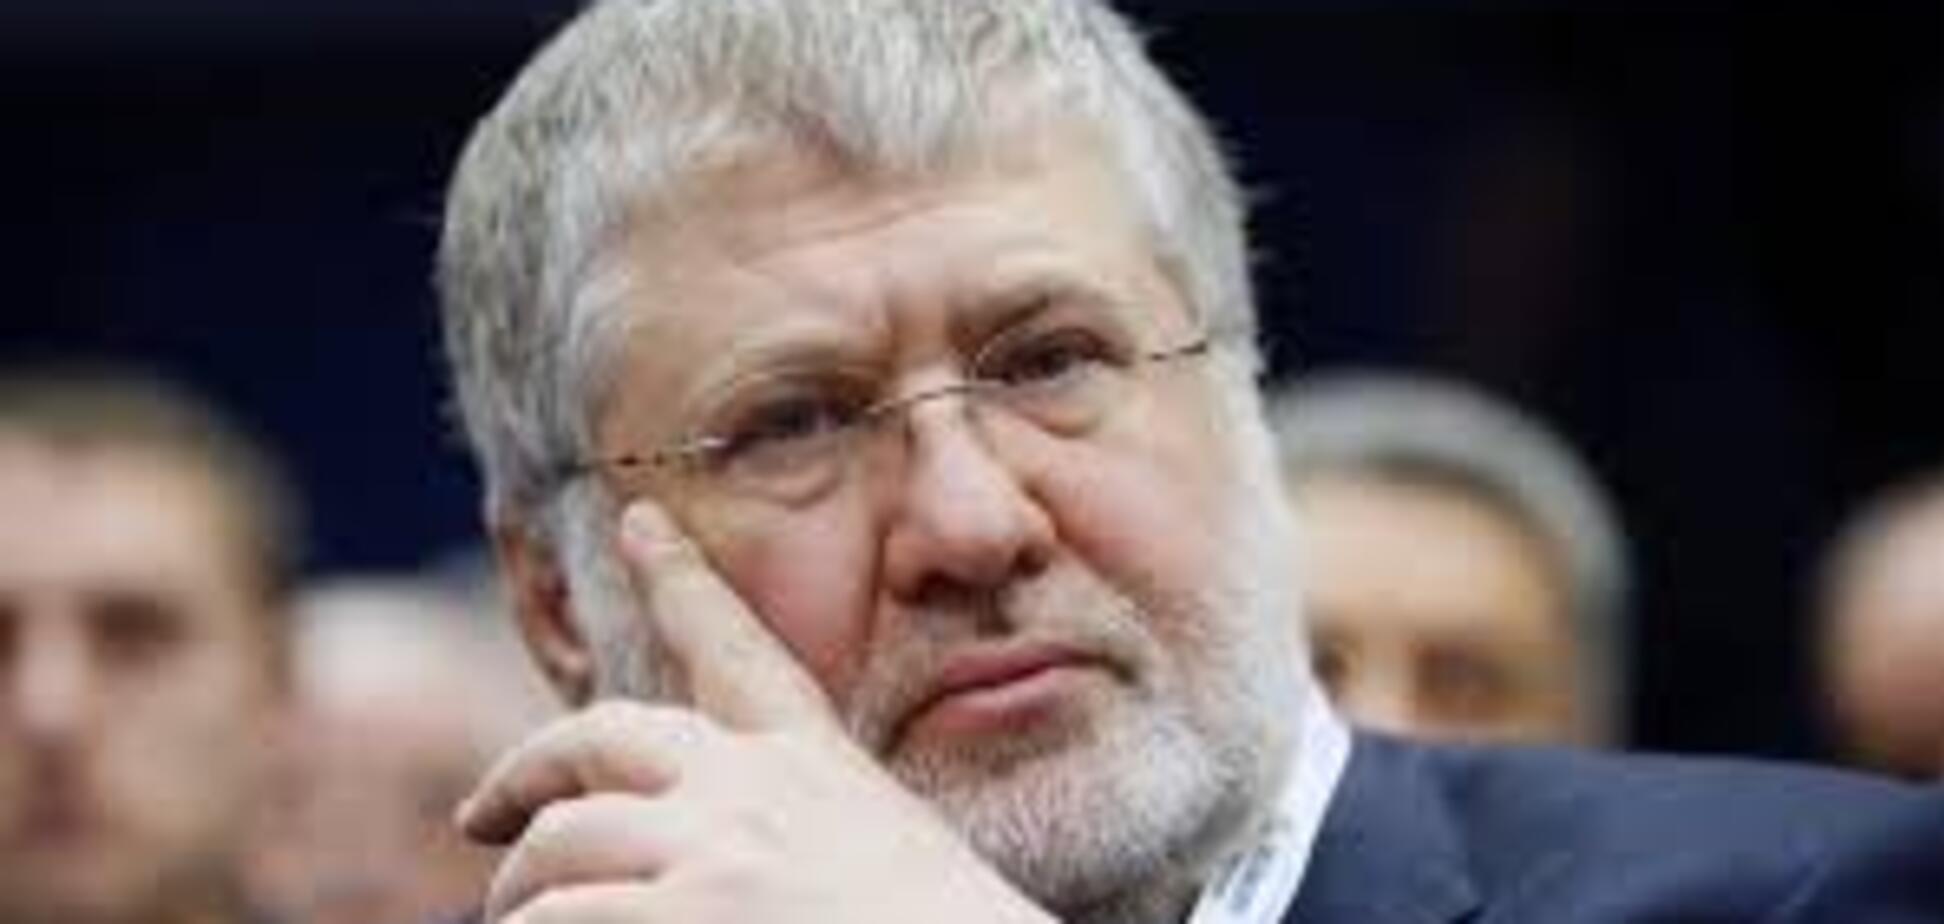 Данилюк помилився: стало відомо, хто з силовиків намагався розвалити справу ПриватБанку